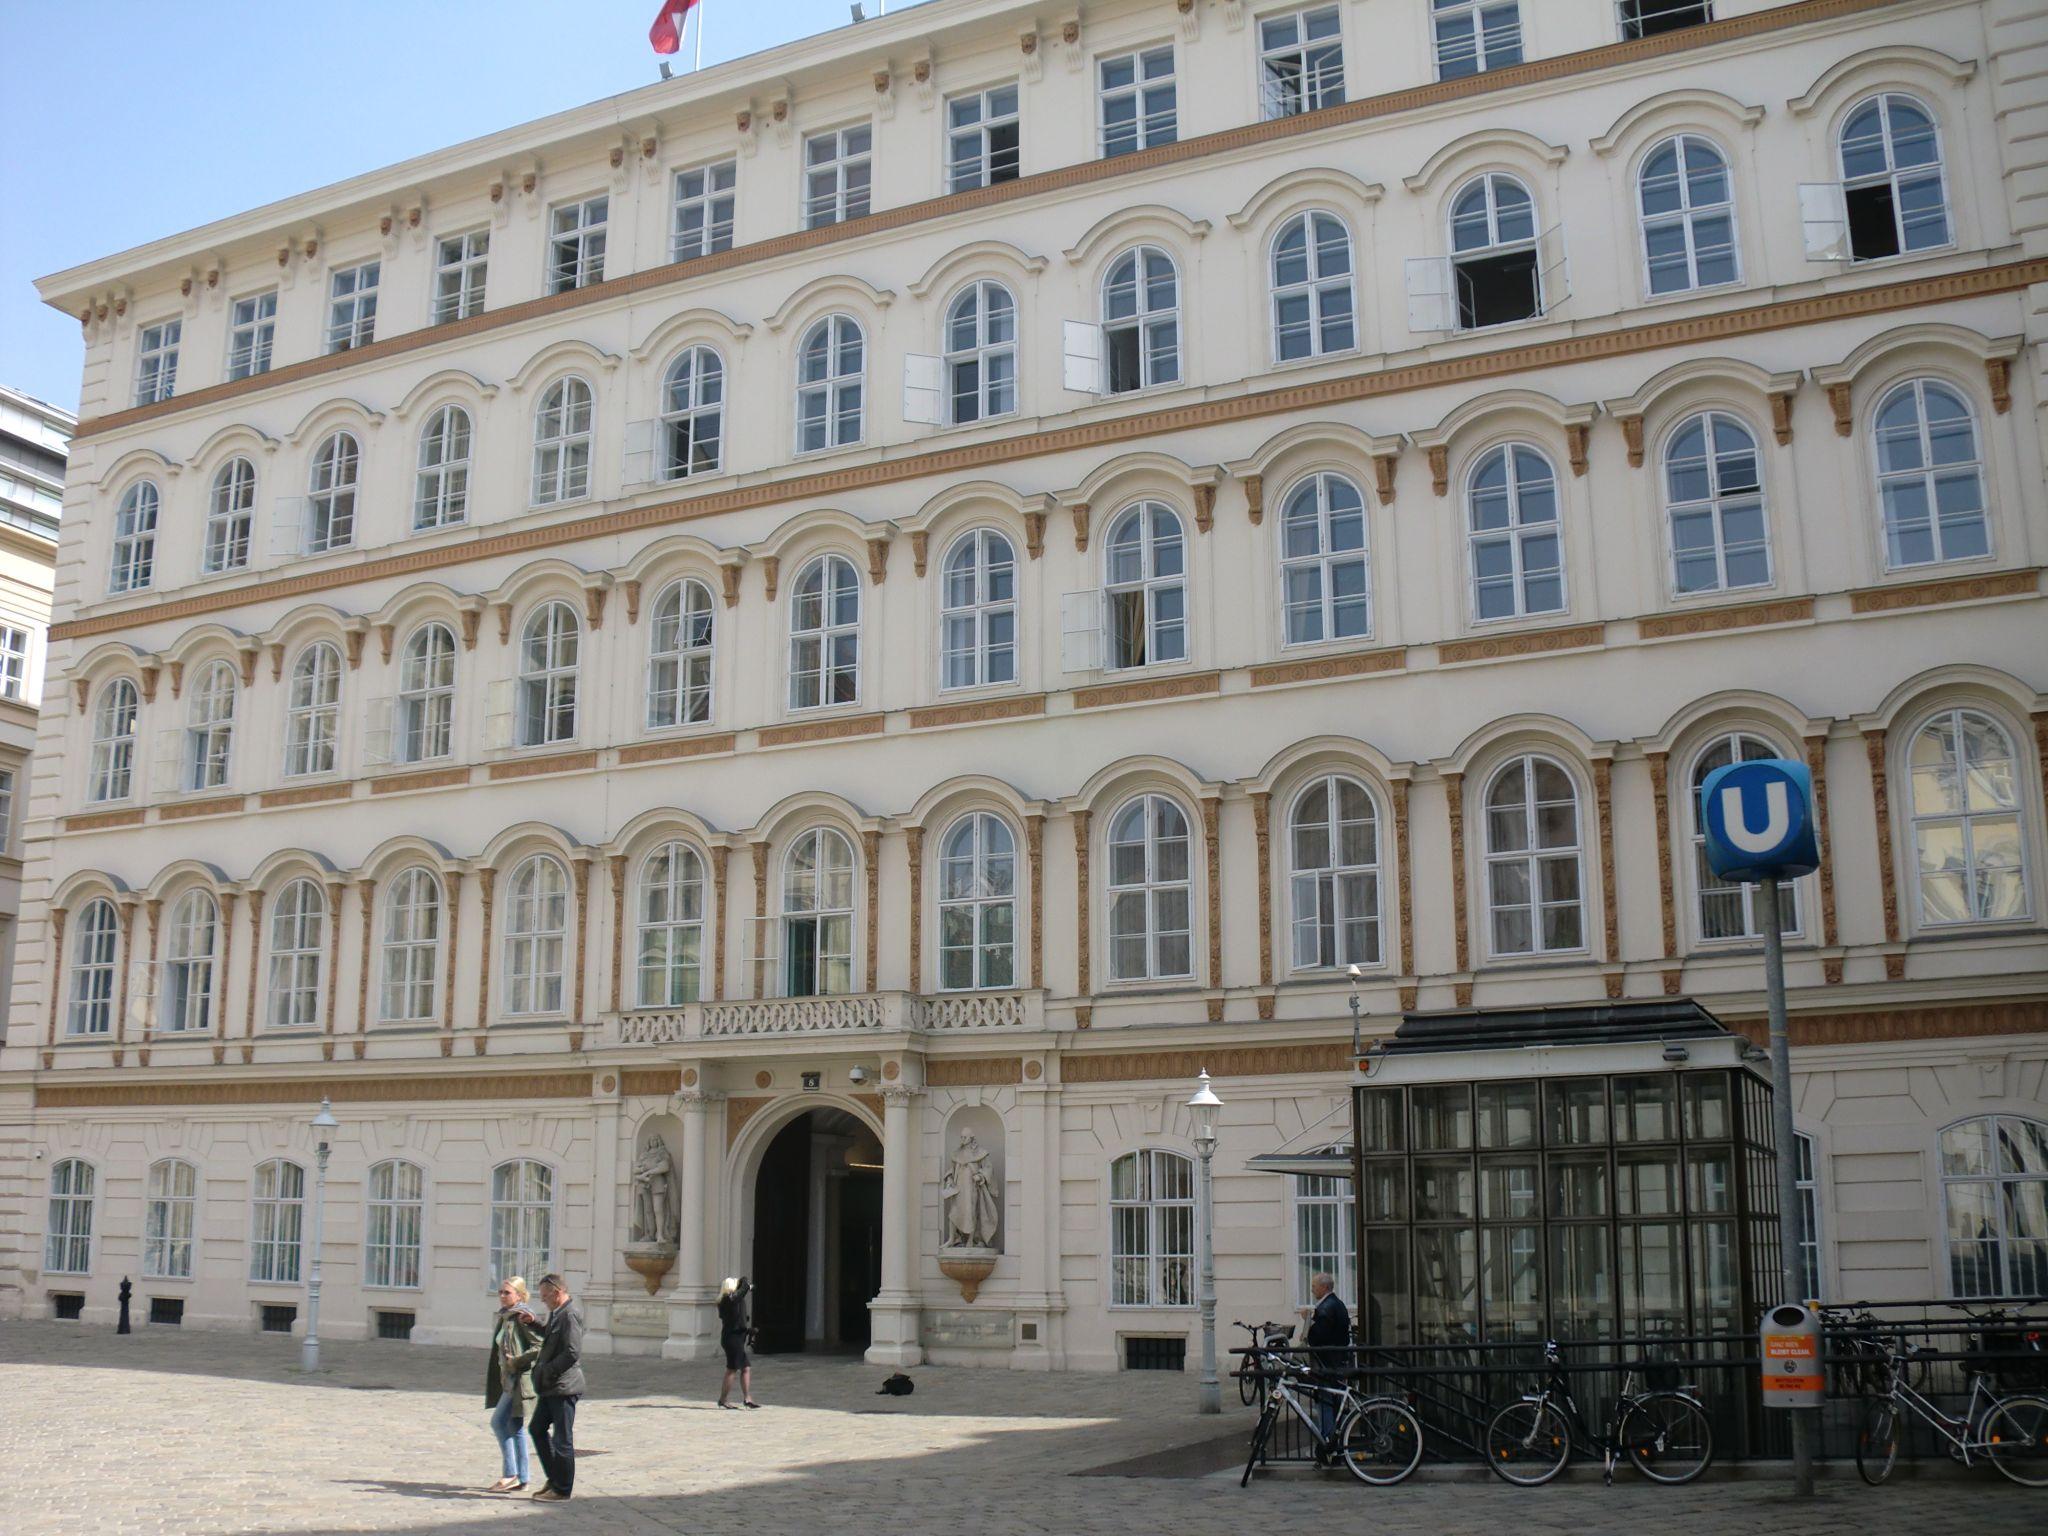 Vienna architecture 1 1440x1080 - Vienna: elegant beauty